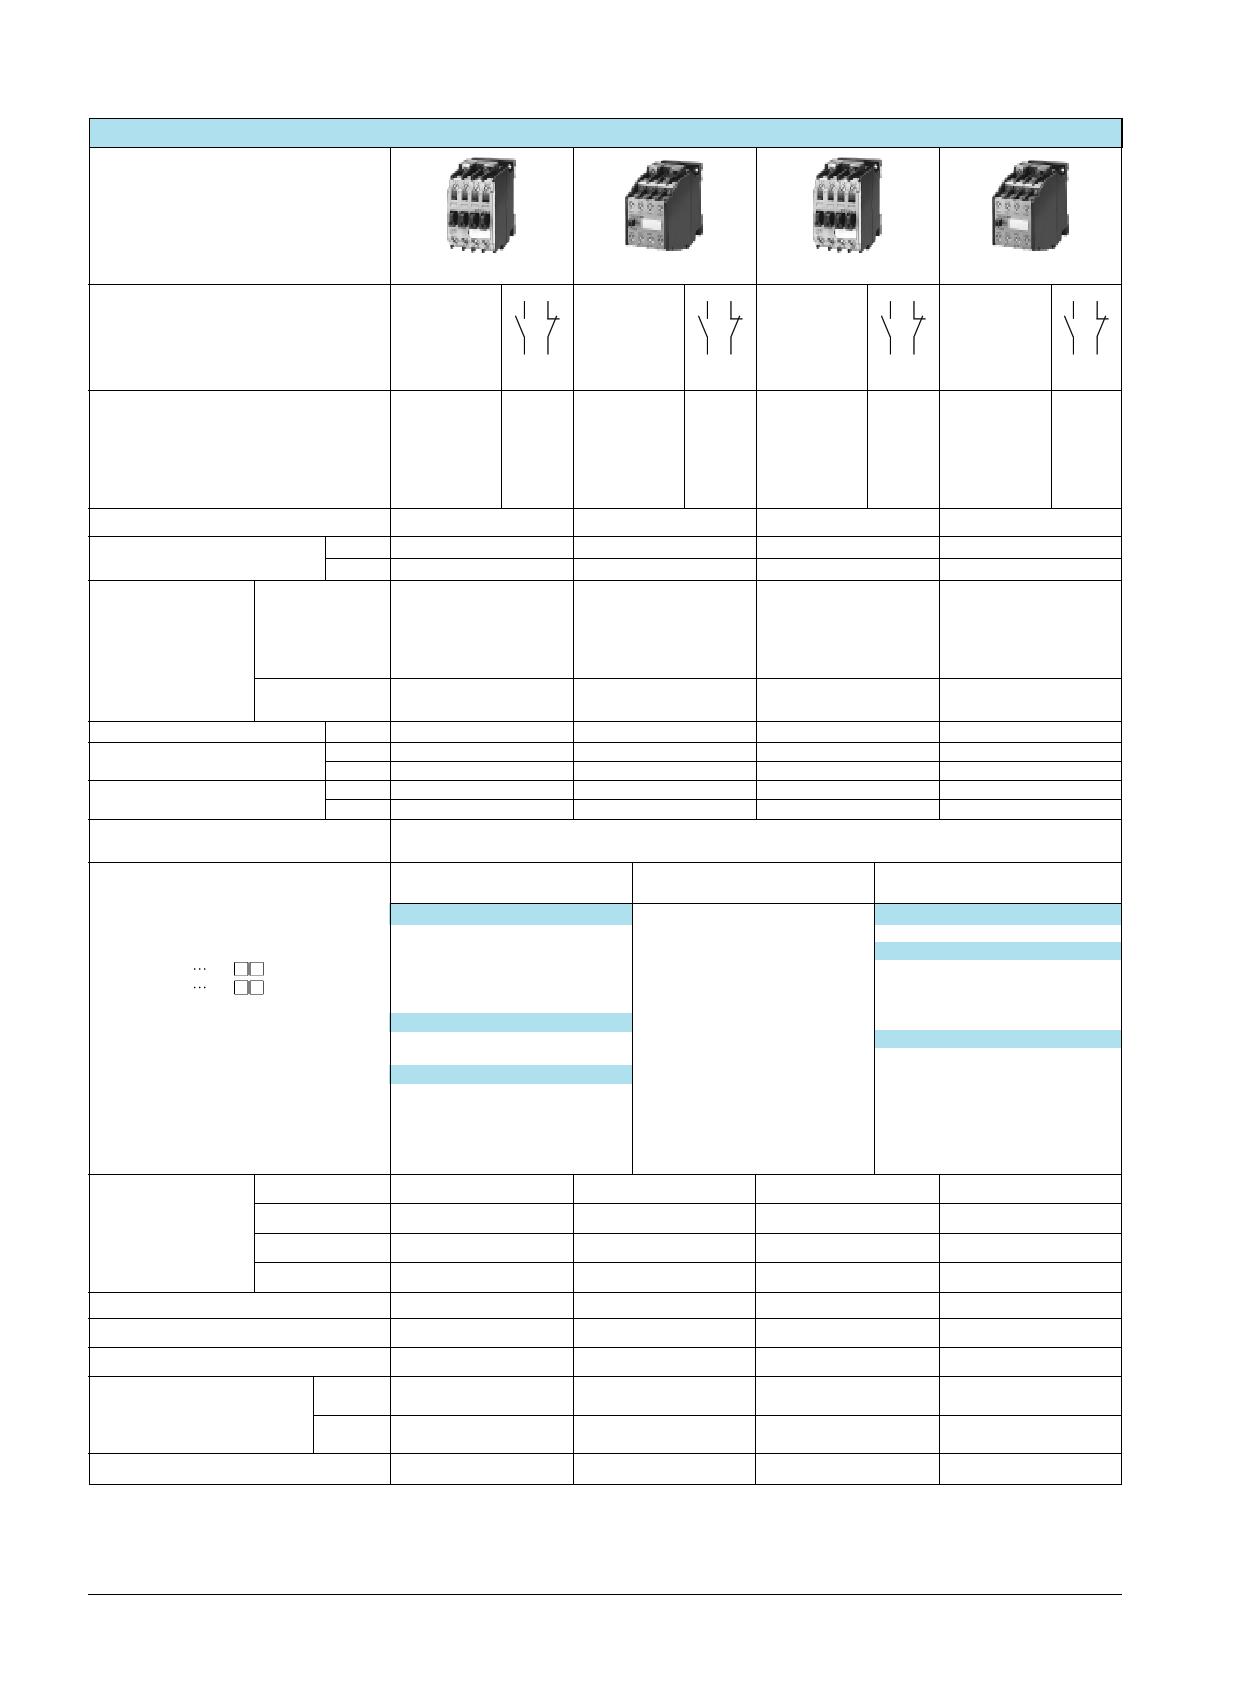 3TF45 Datenblatt PDF